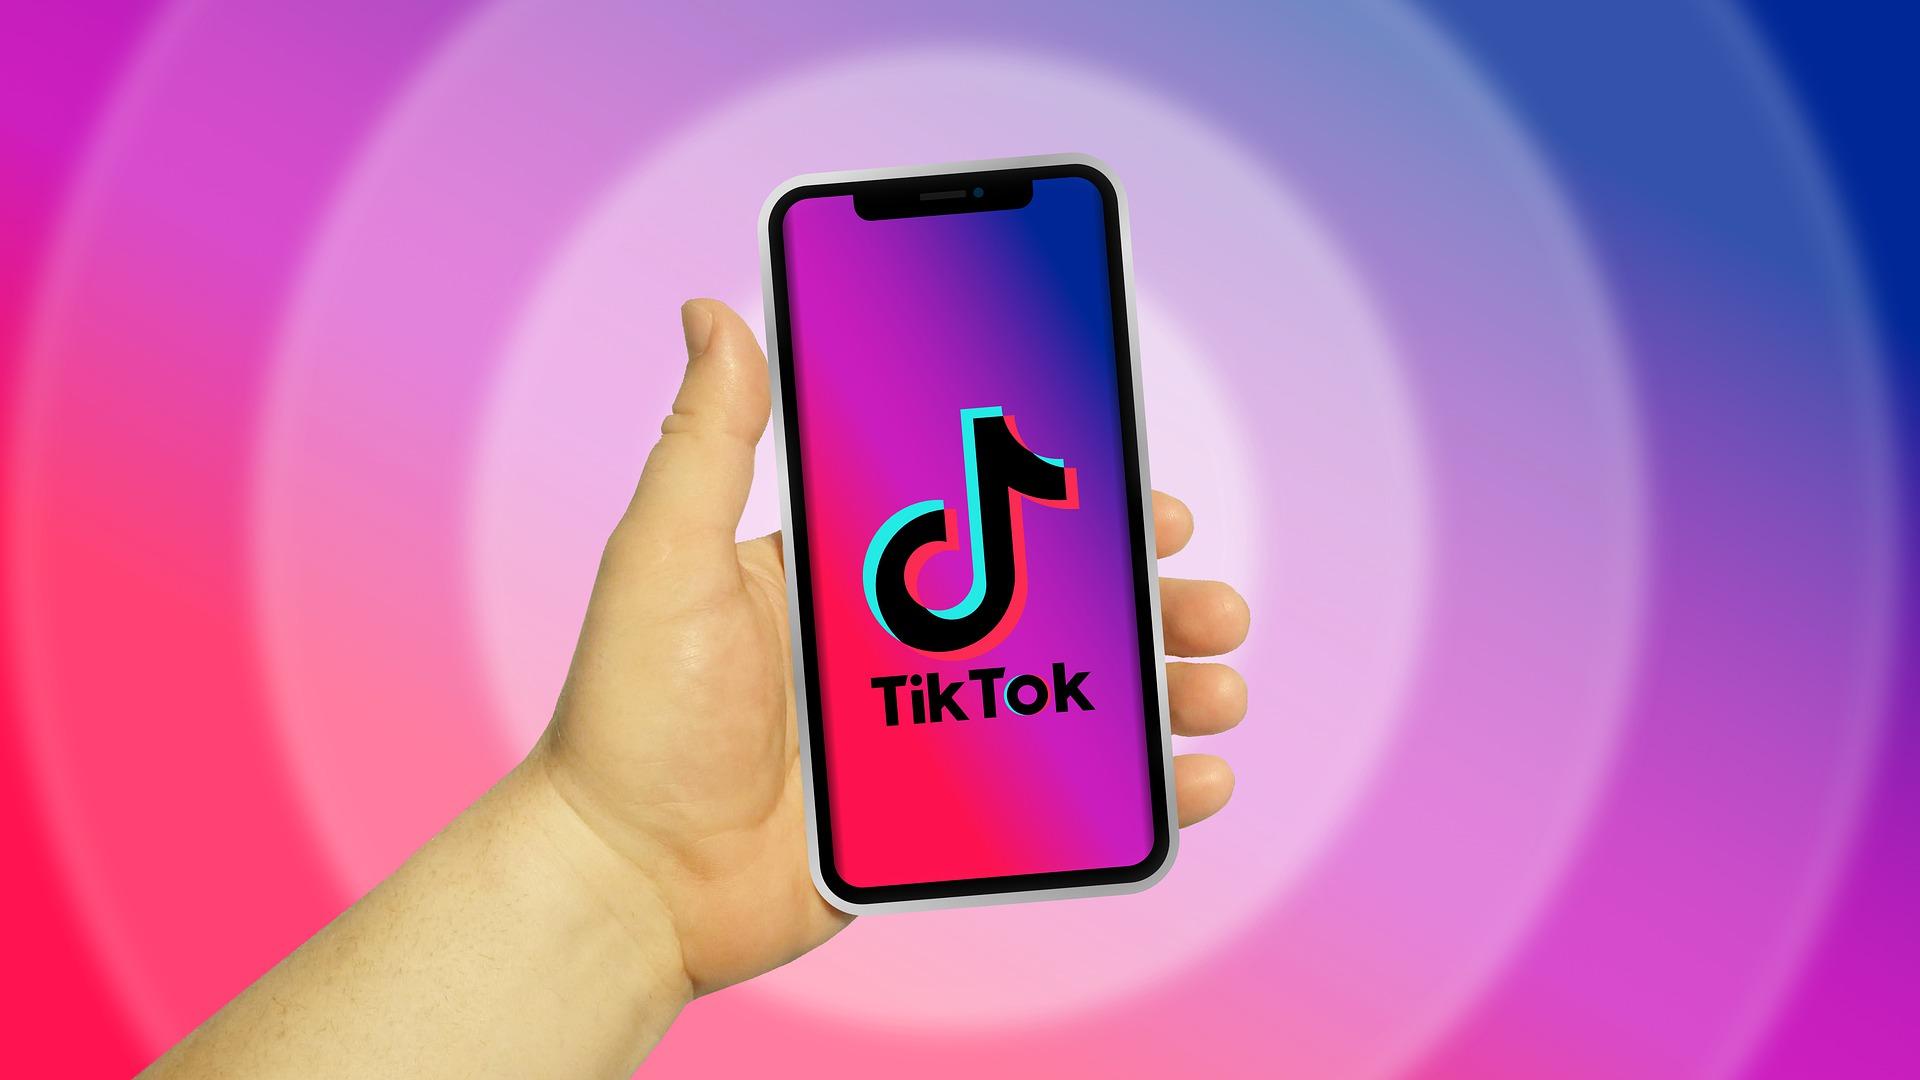 TikTok is Highest Earning App while Pubg Mobile is Highest Earning Game